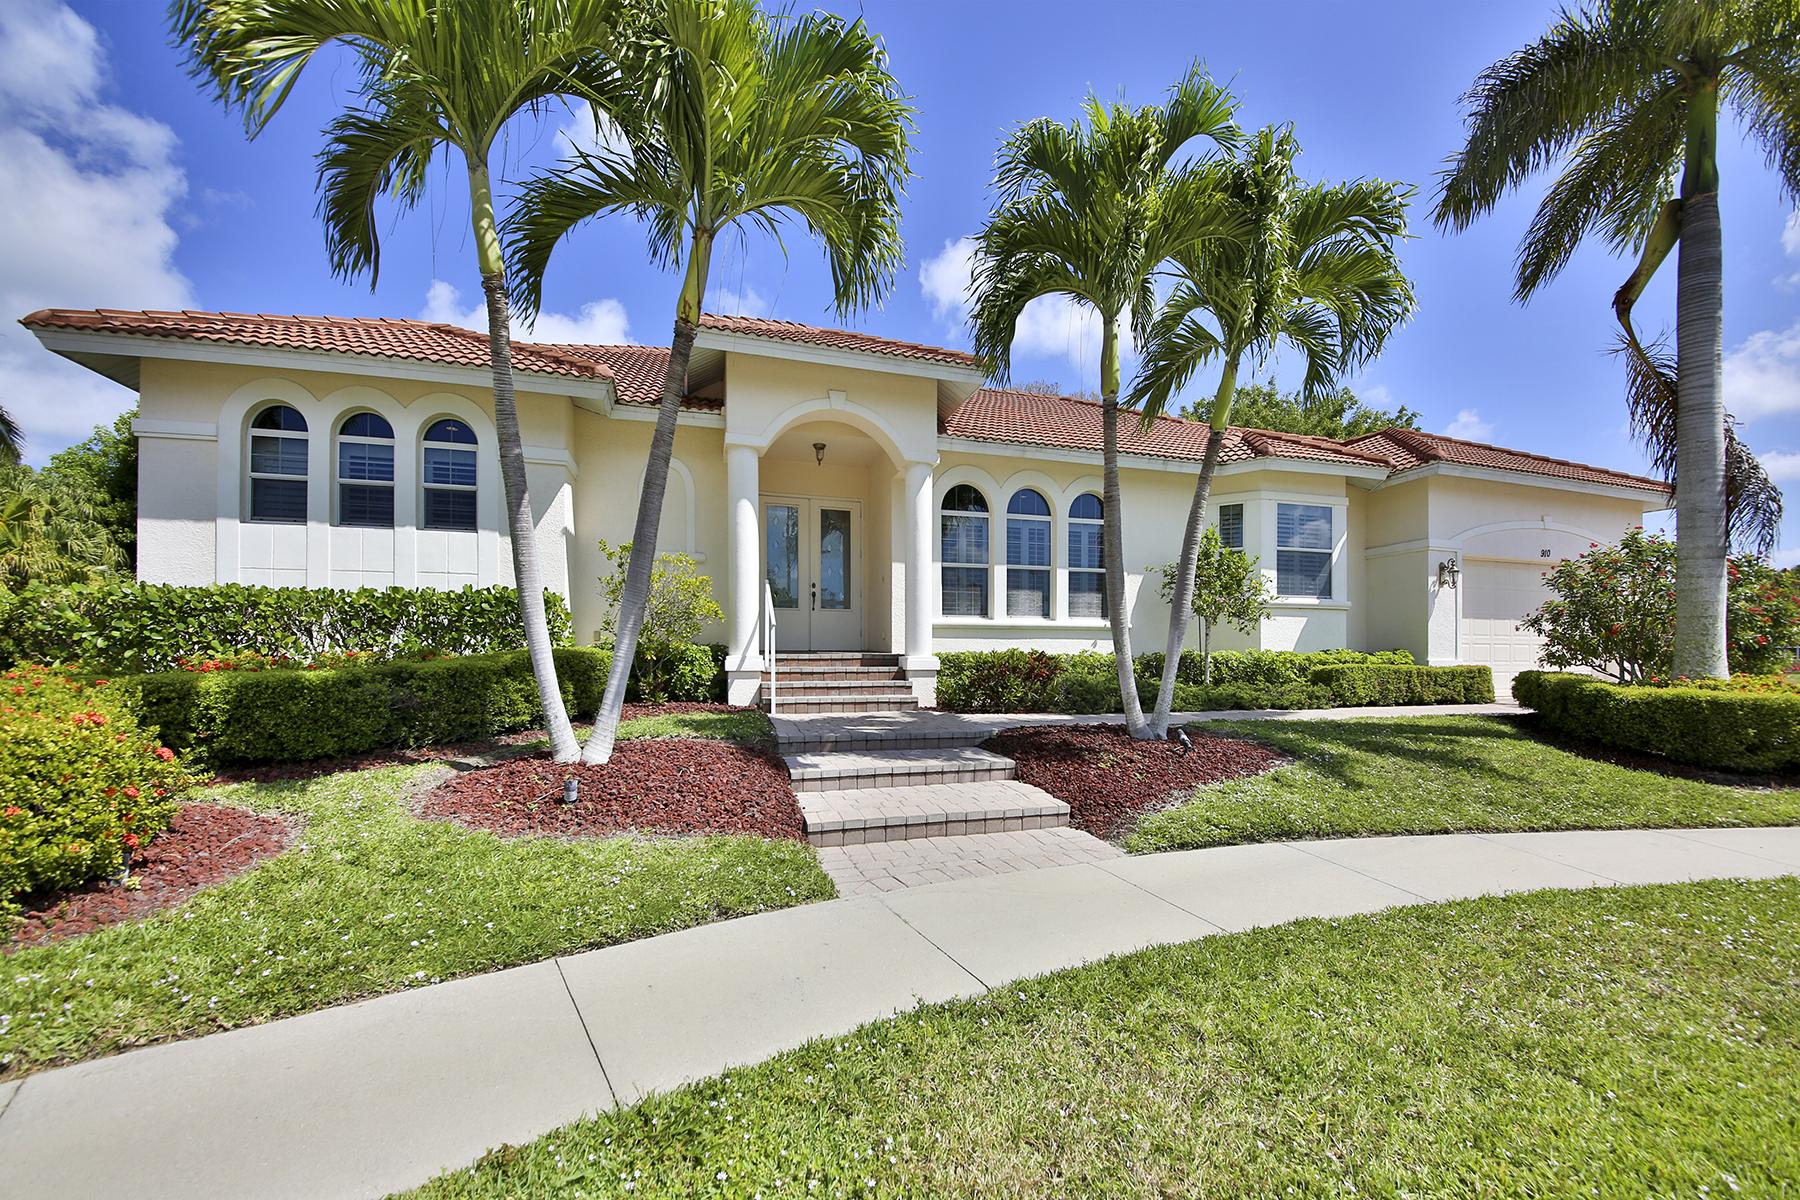 獨棟家庭住宅 為 出售 在 MARCO ISLAND - SYCAMORE COURT 910 Sycamore Ct Marco Island, 佛羅里達州 34145 美國